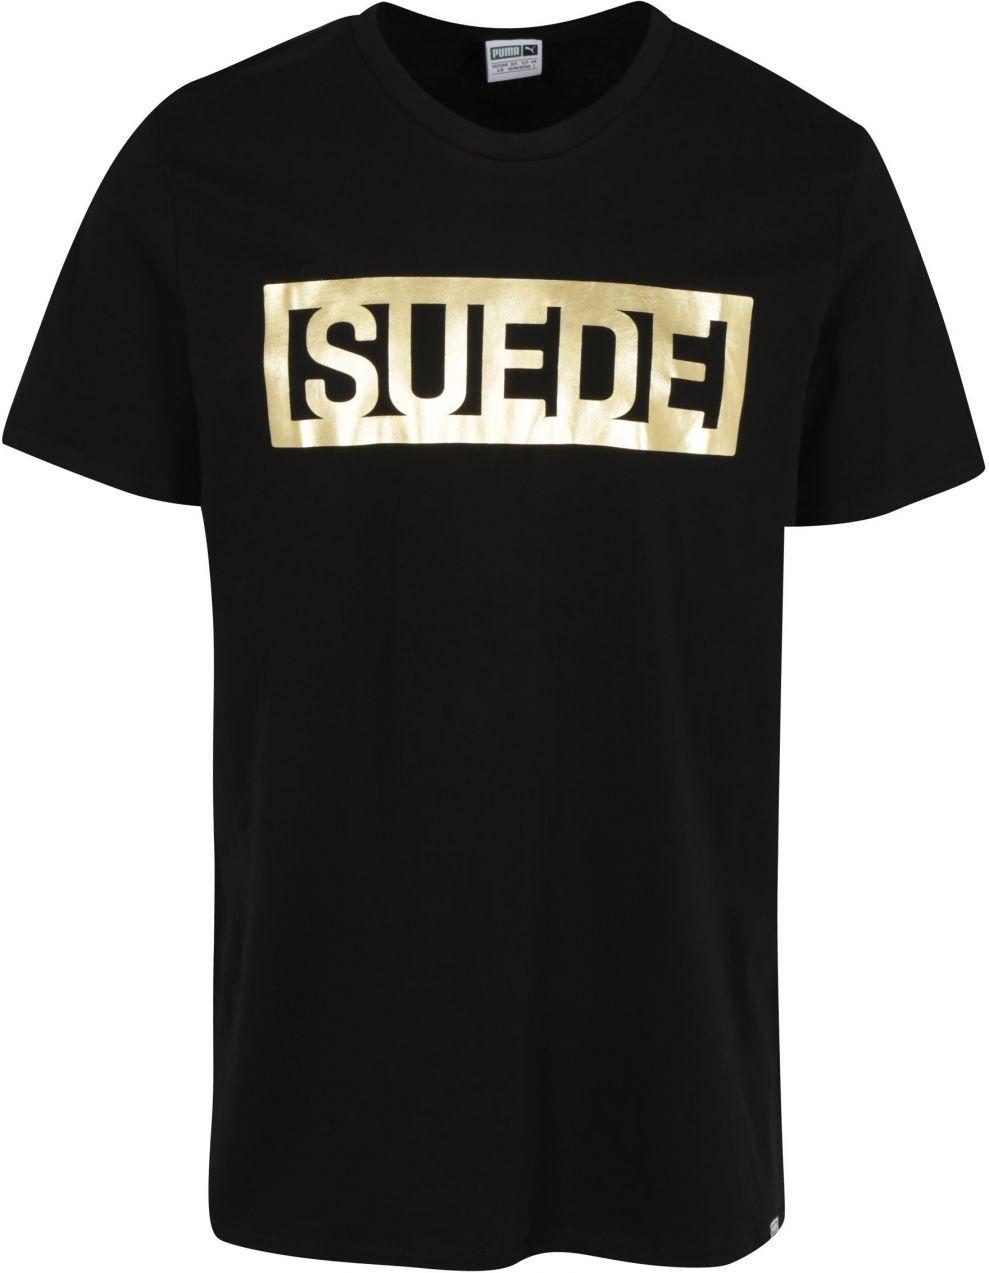 f6b1e7c4bfec Čierne pánske tričko s potlačou v zlatej farbe Puma značky Puma - Lovely.sk